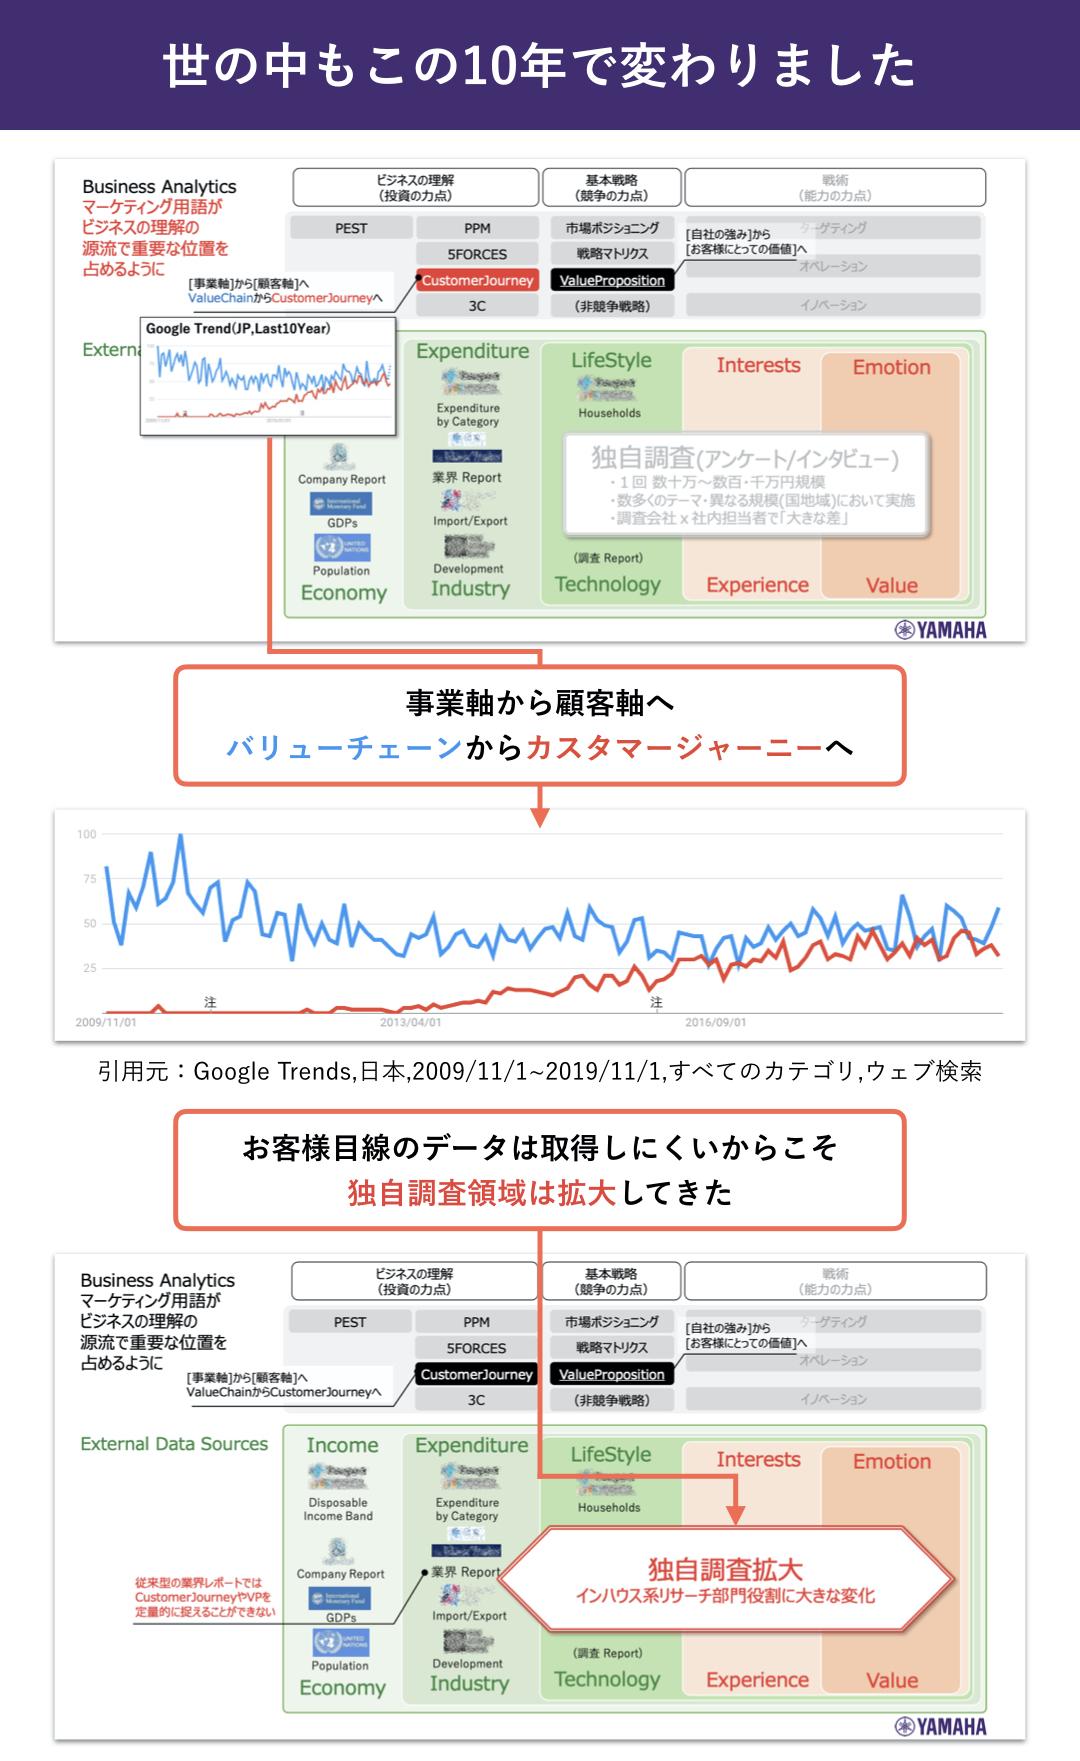 ヤマハ株式会社:濱崎司_世の中もこの10年で変わりました